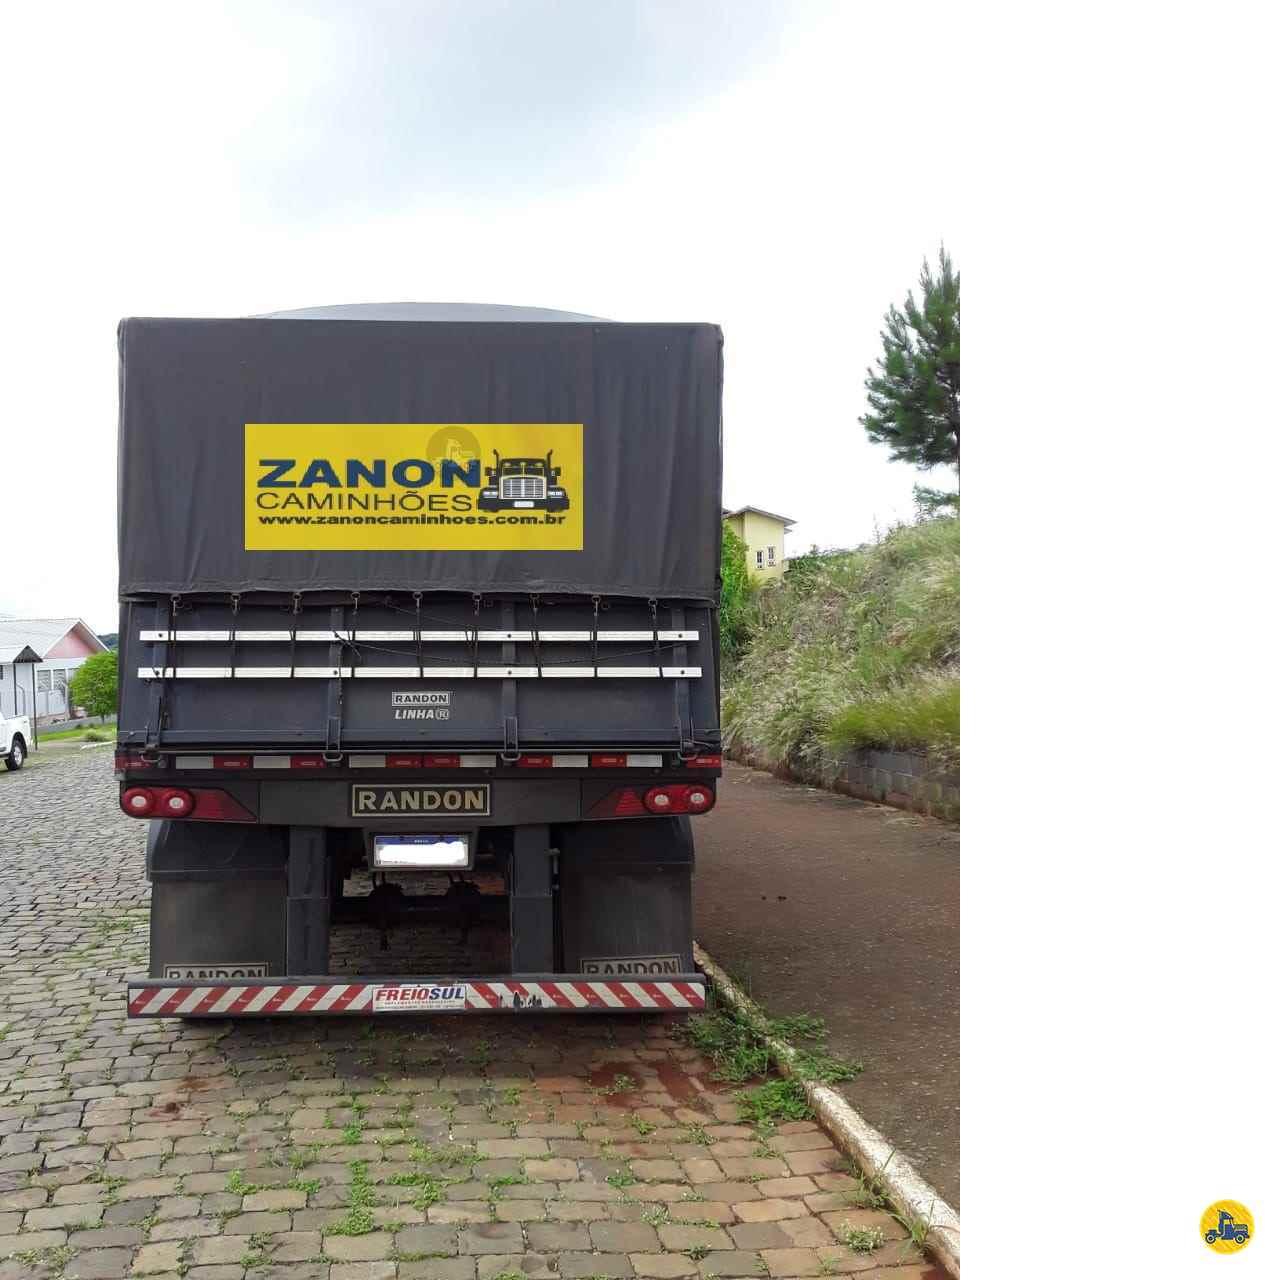 SCANIA SCANIA 124 360 1km 2004/2004 Zanon Caminhões e Implementos